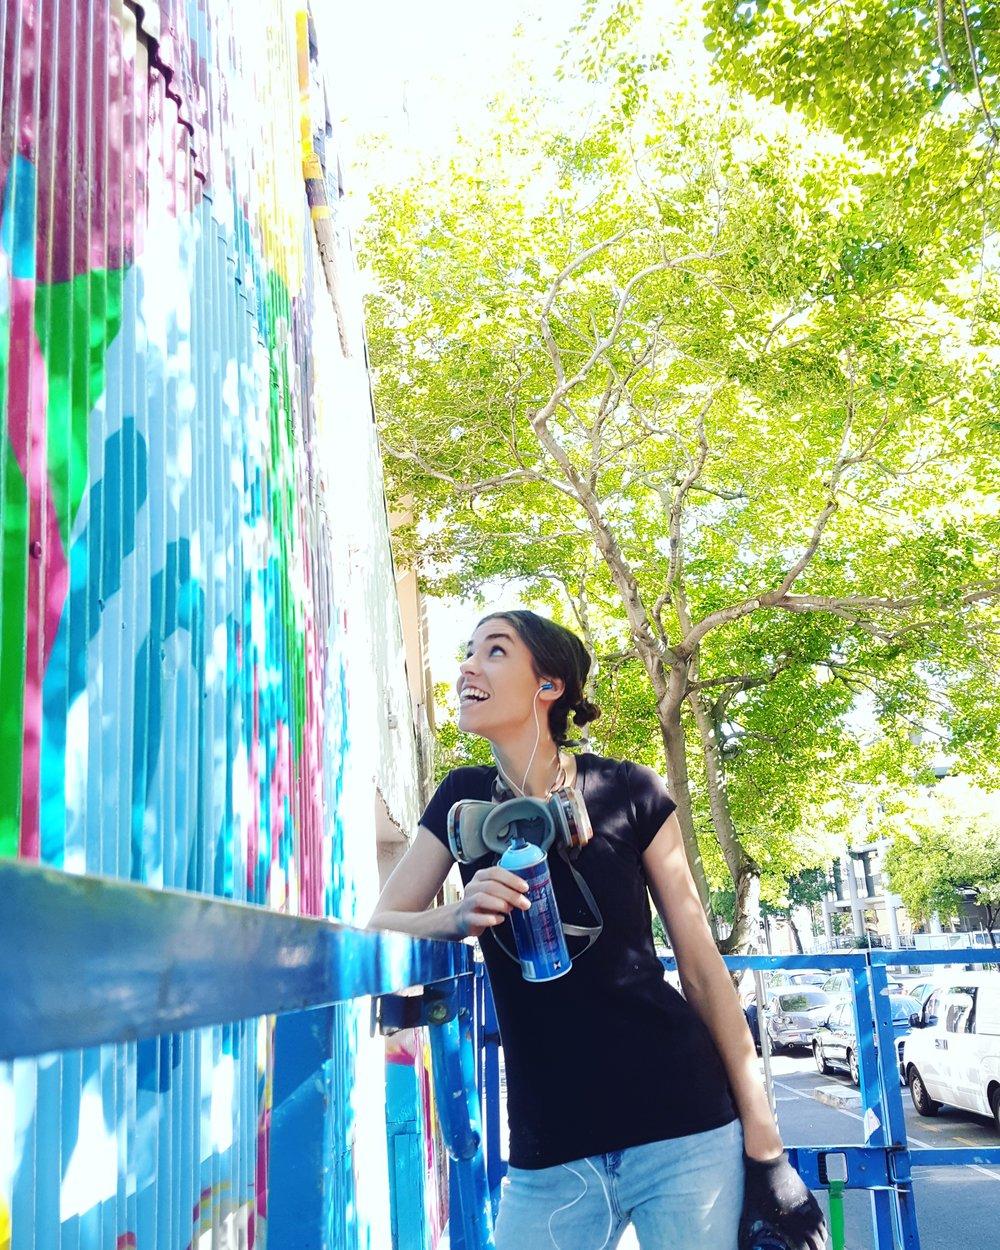 Street Art Explosion - Adelaide Fringe 2018